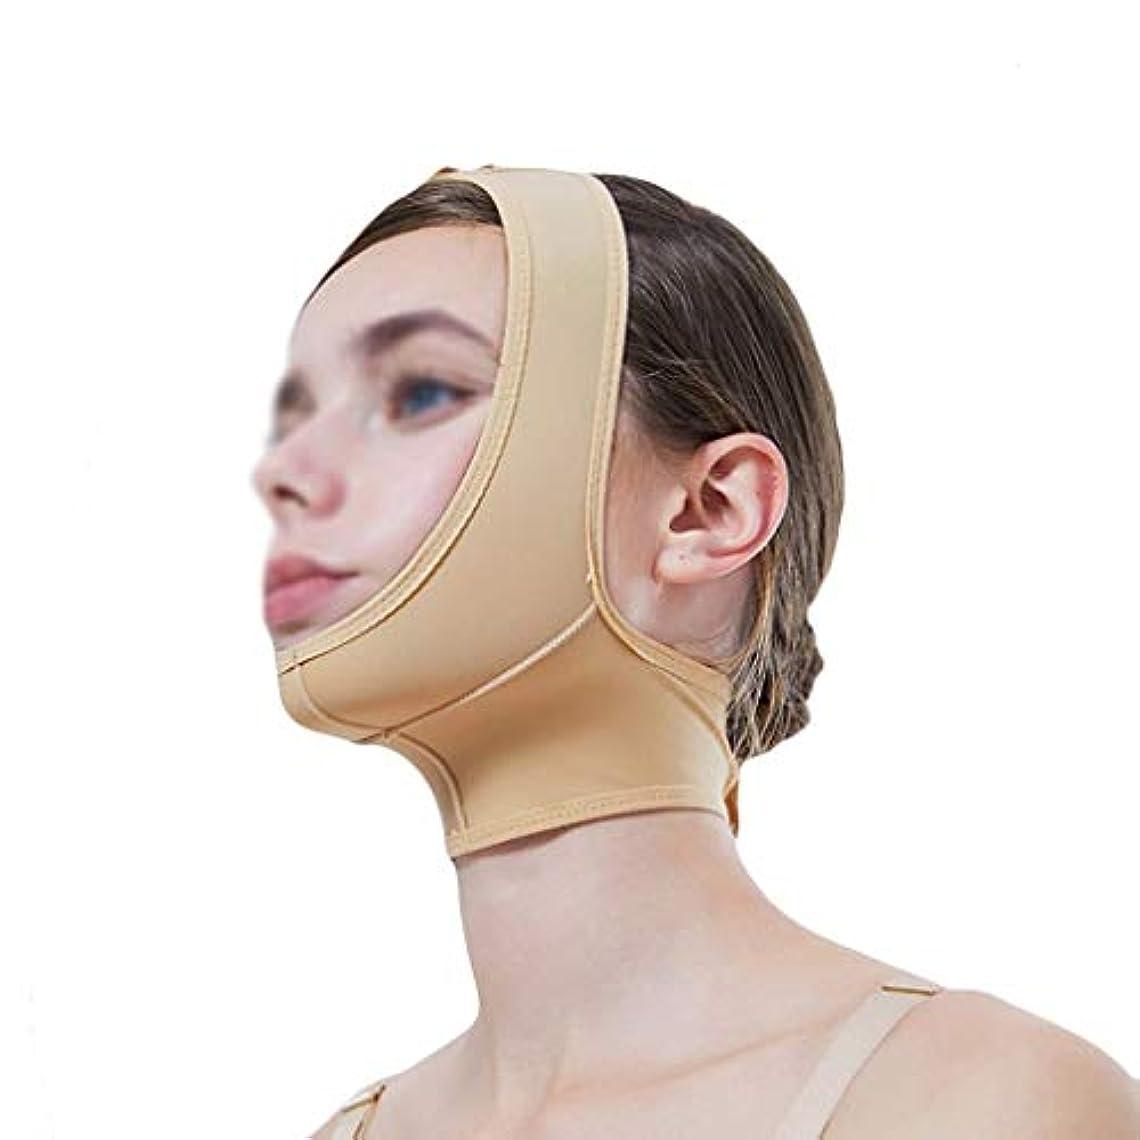 霧誘惑照らすマスク、超薄型ベルト、フェイスリフティングに適し、フェイスリフティング、通気性包帯、あご取りベルト、超薄型ベルト、通気性(サイズ:XL),XXL